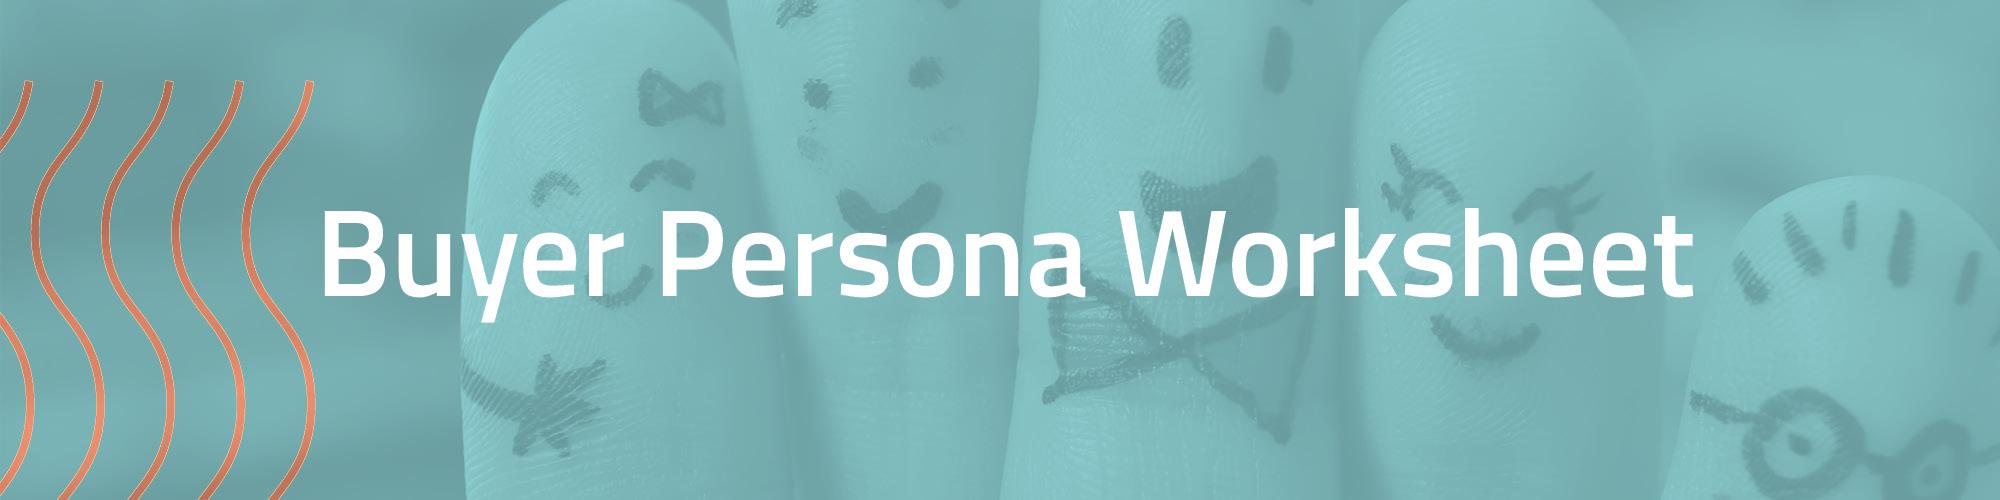 Buyer Persona Worksheet_Header.jpg